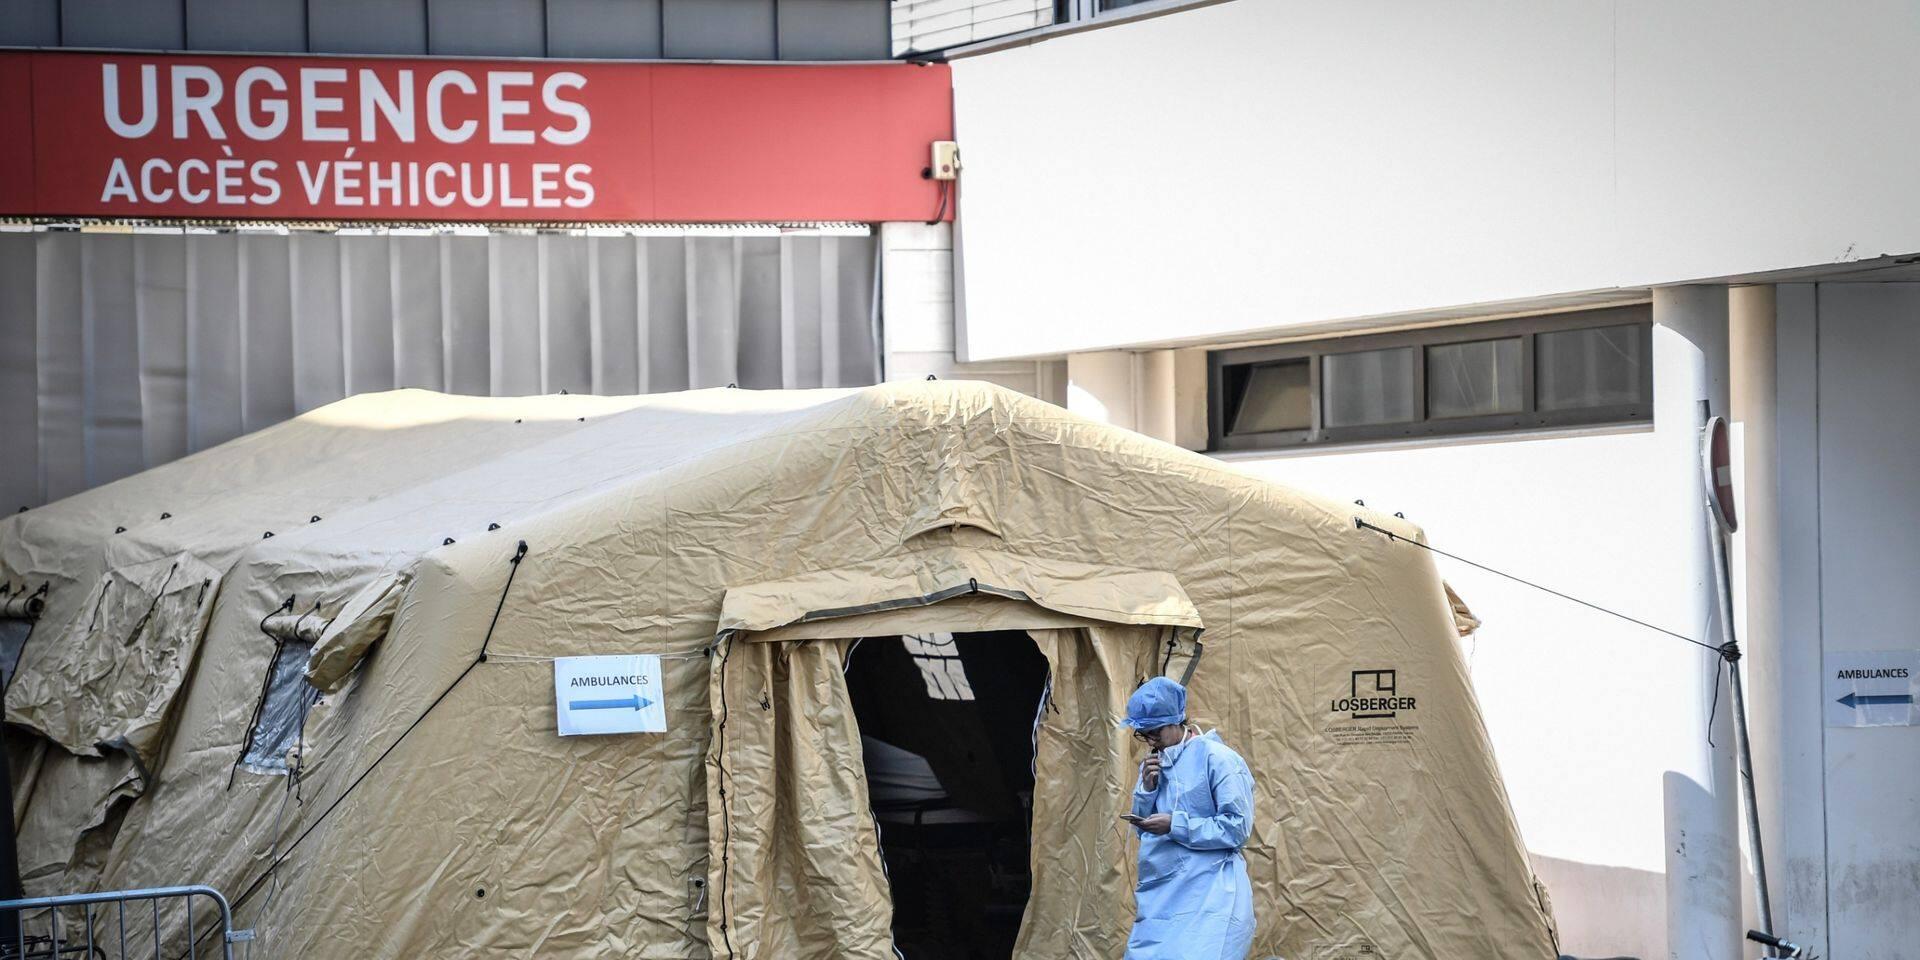 L'AWSR appelle à lever le pied pour ne pas encore aggraver la situation dans les hôpitaux